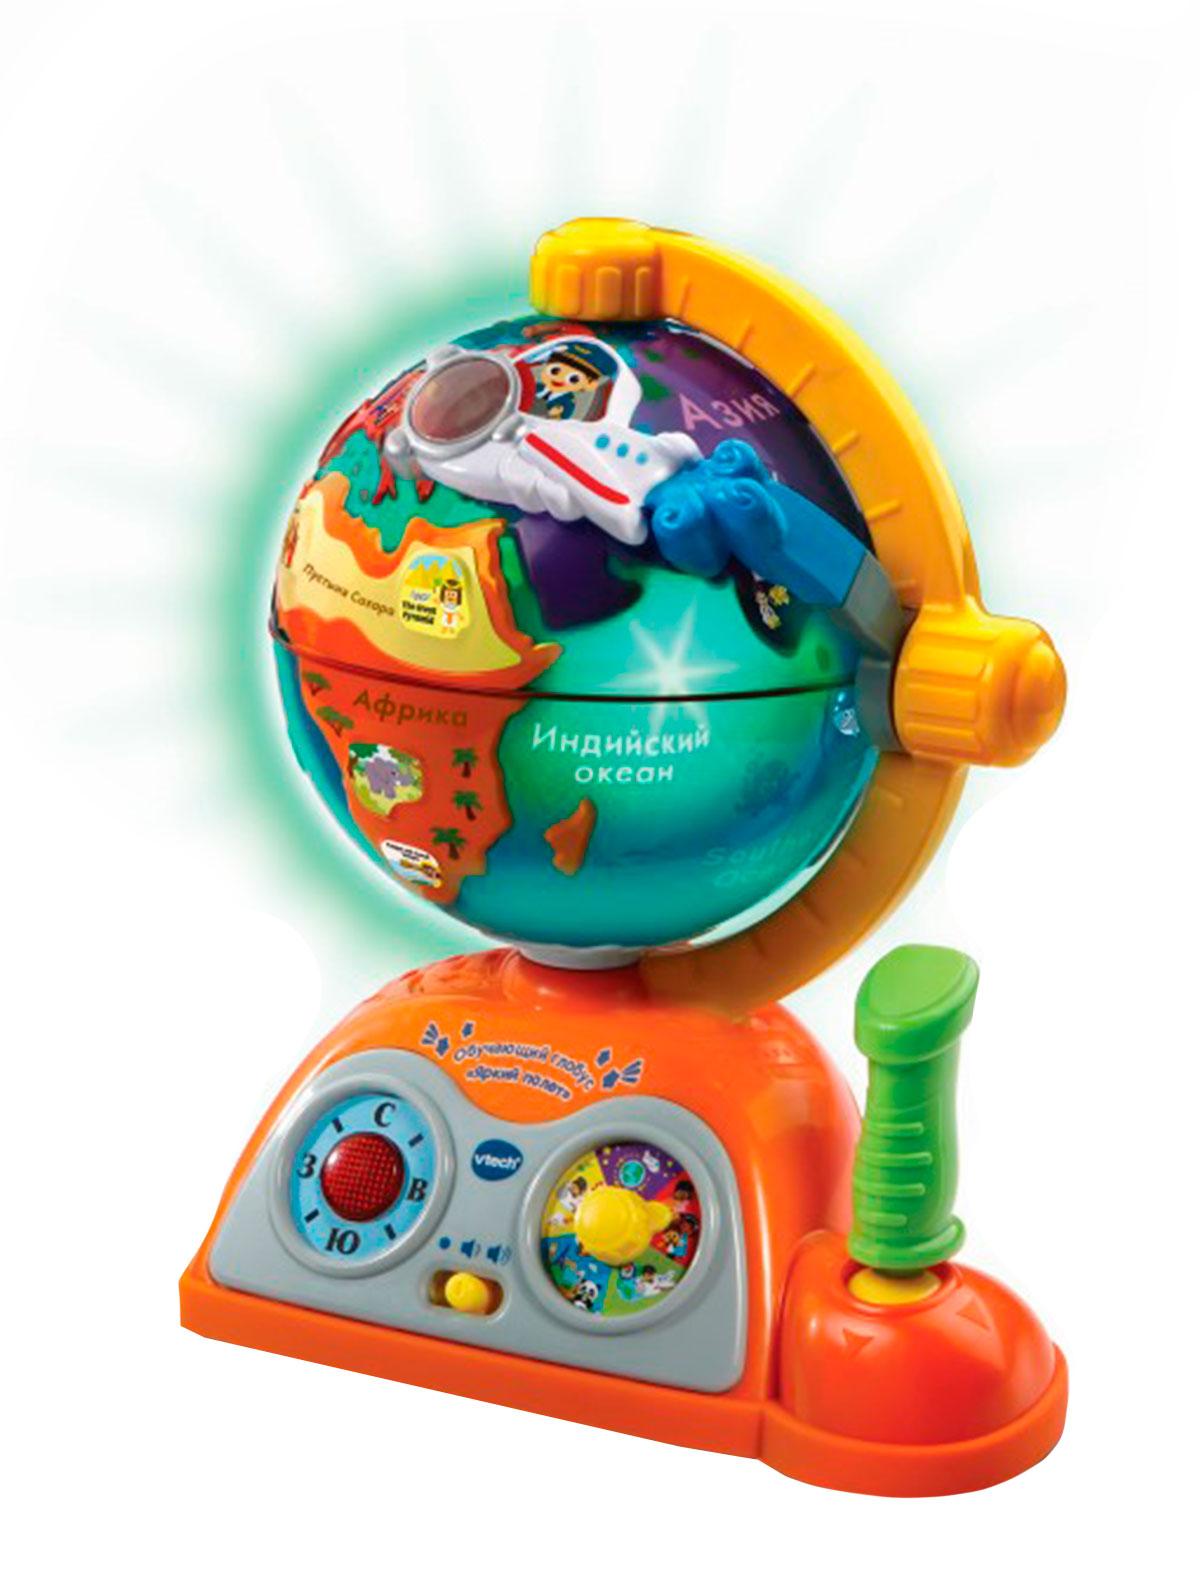 Купить 2226538, Игрушка VTech, разноцветный, 7134529080014